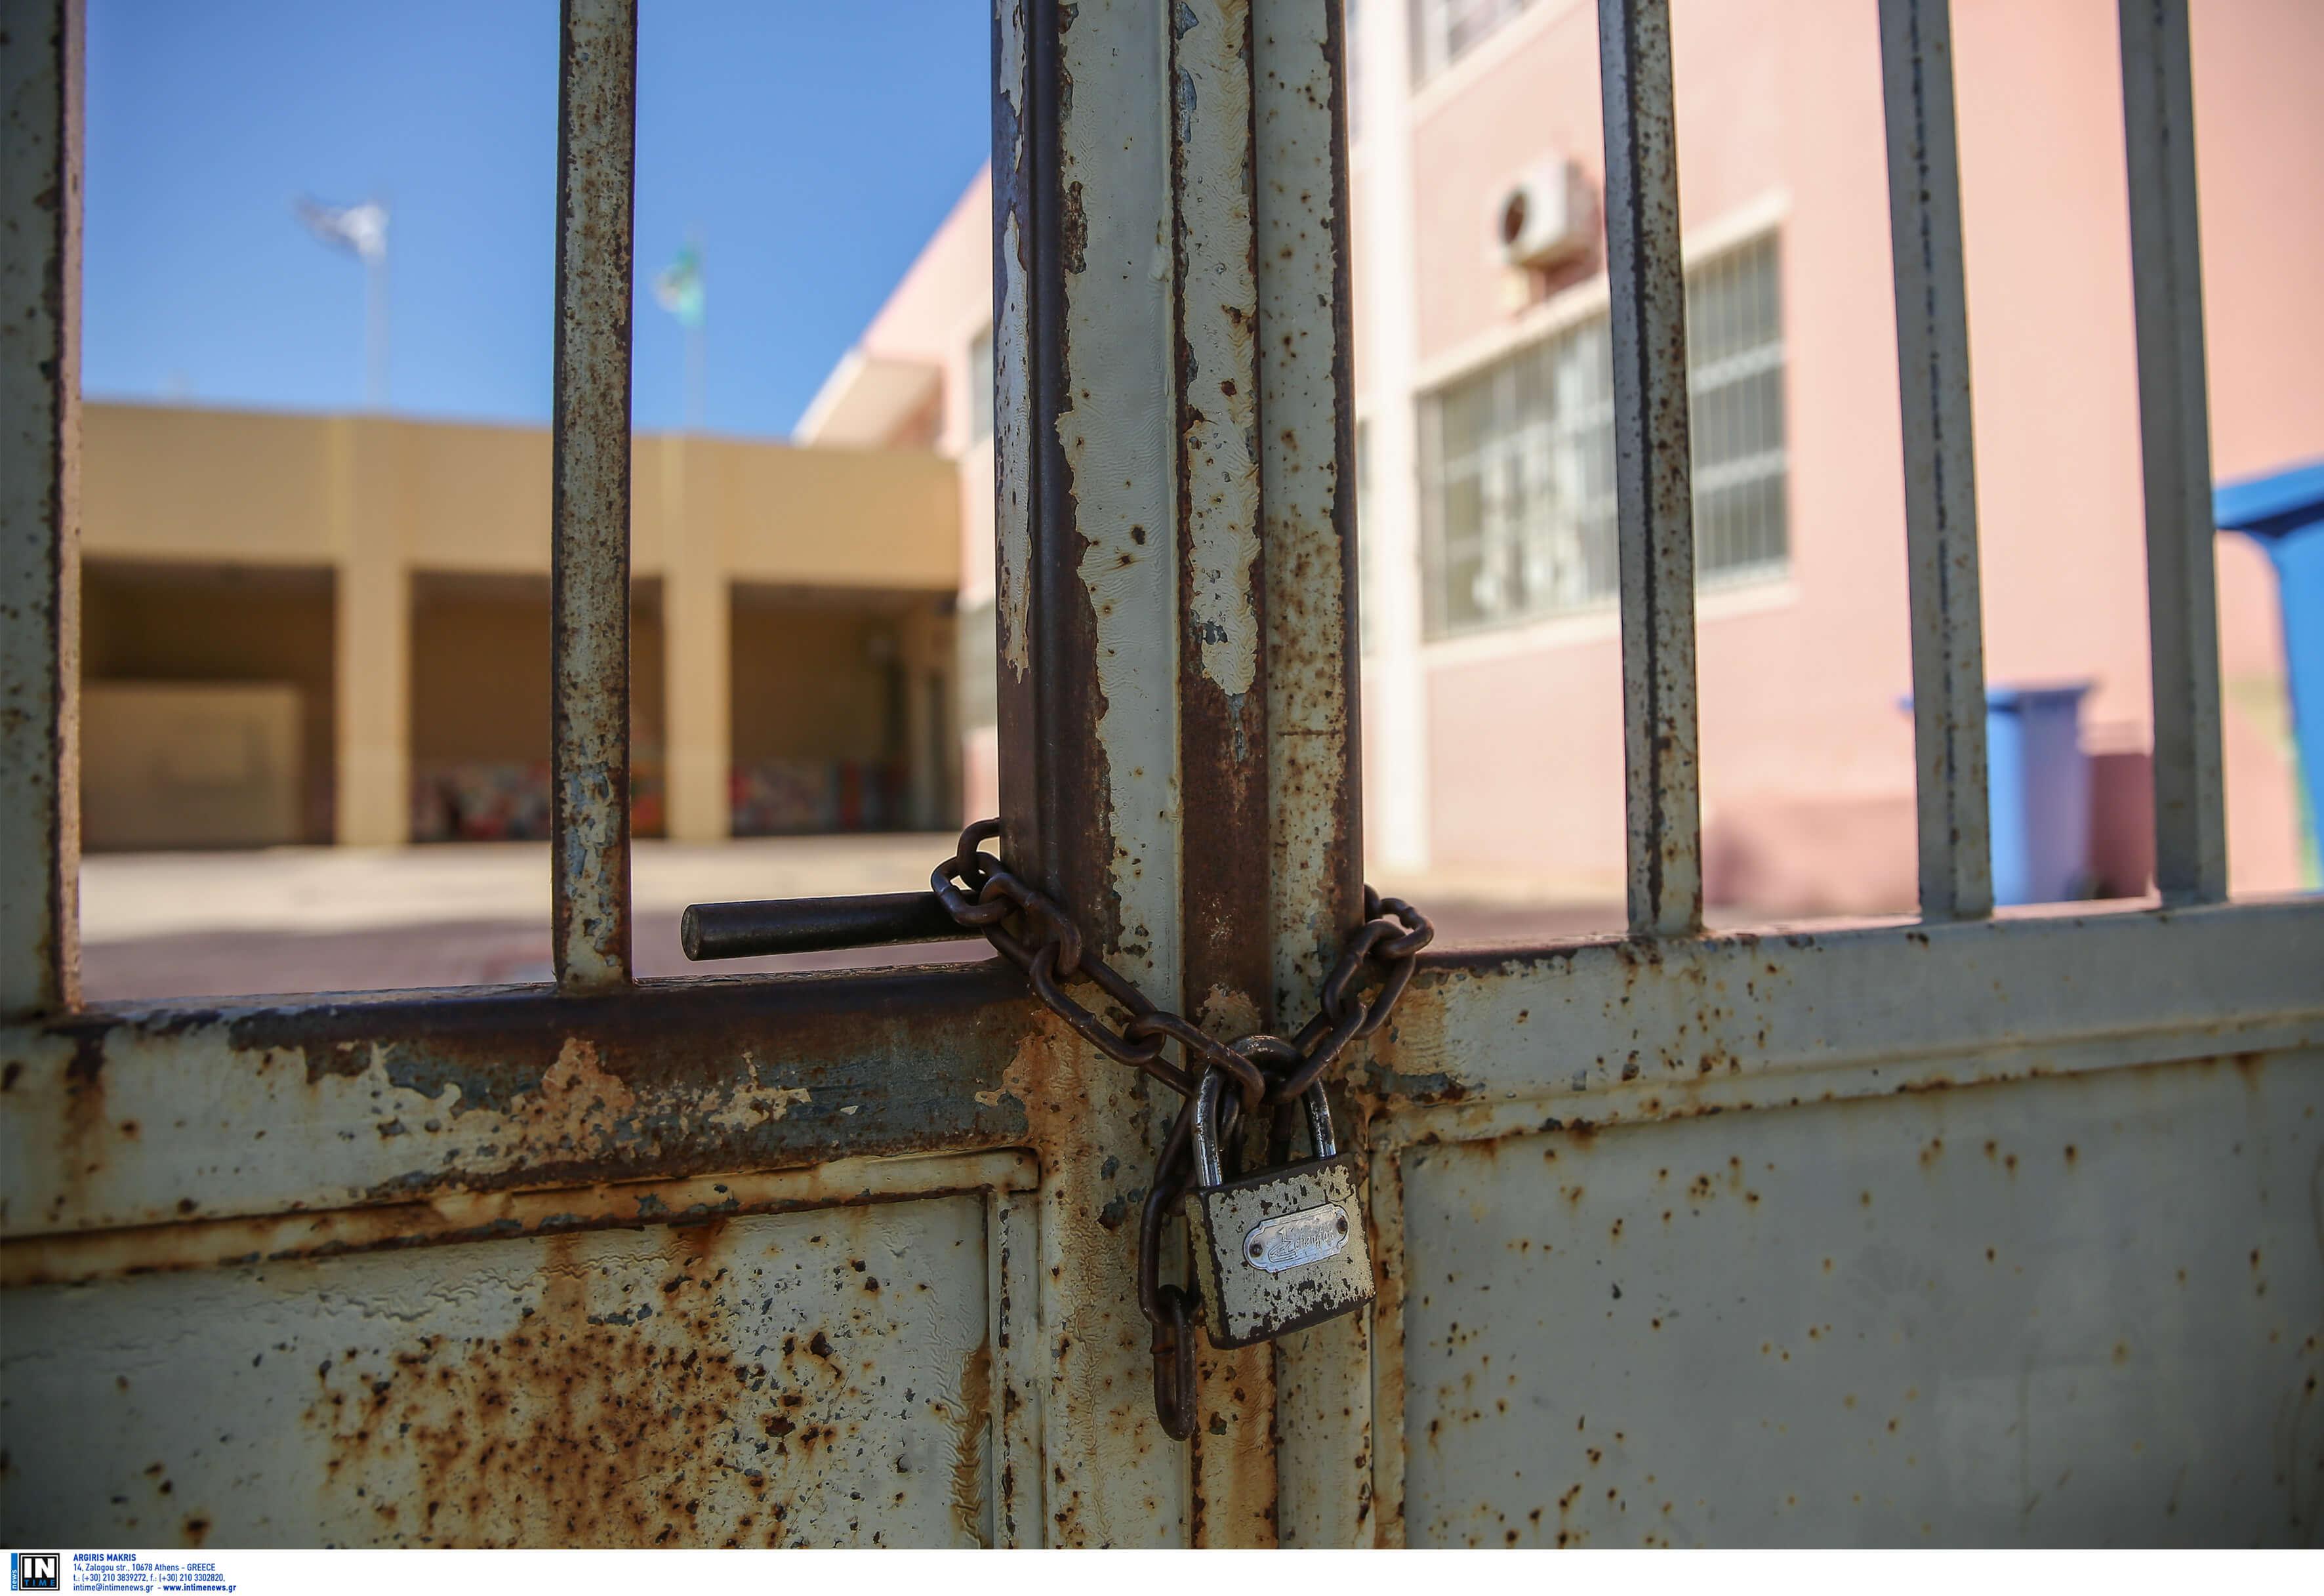 Κλειστά τα σχολεία αυριο Παρασκευή - Συλλαλητήρια σε όλη την χώρα από την ΟΛΜΕ